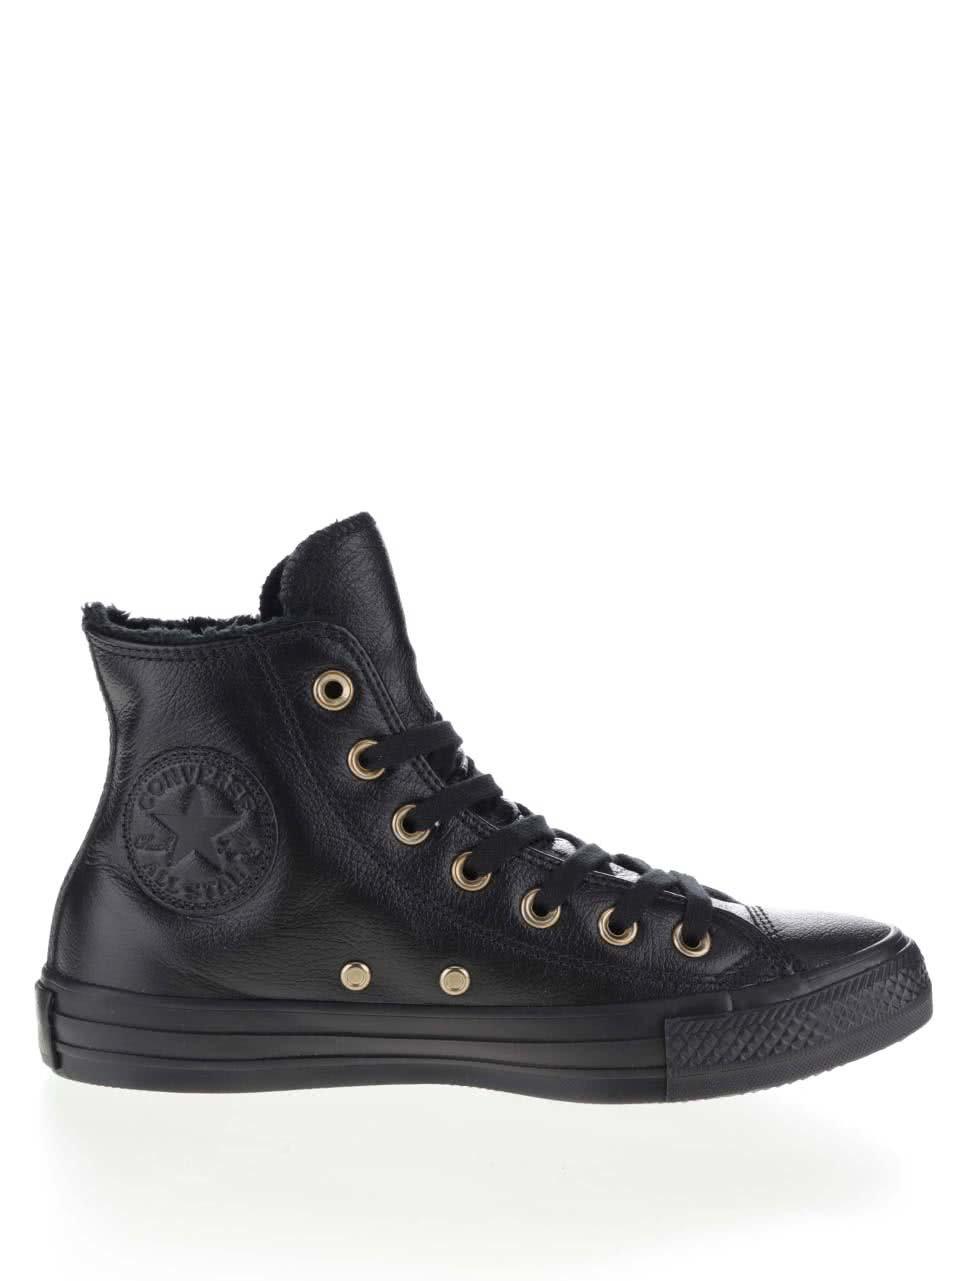 Černé dámské kožené kotníkové tenisky Converse Chuck Taylor All Star ... d7a8e59cc7b